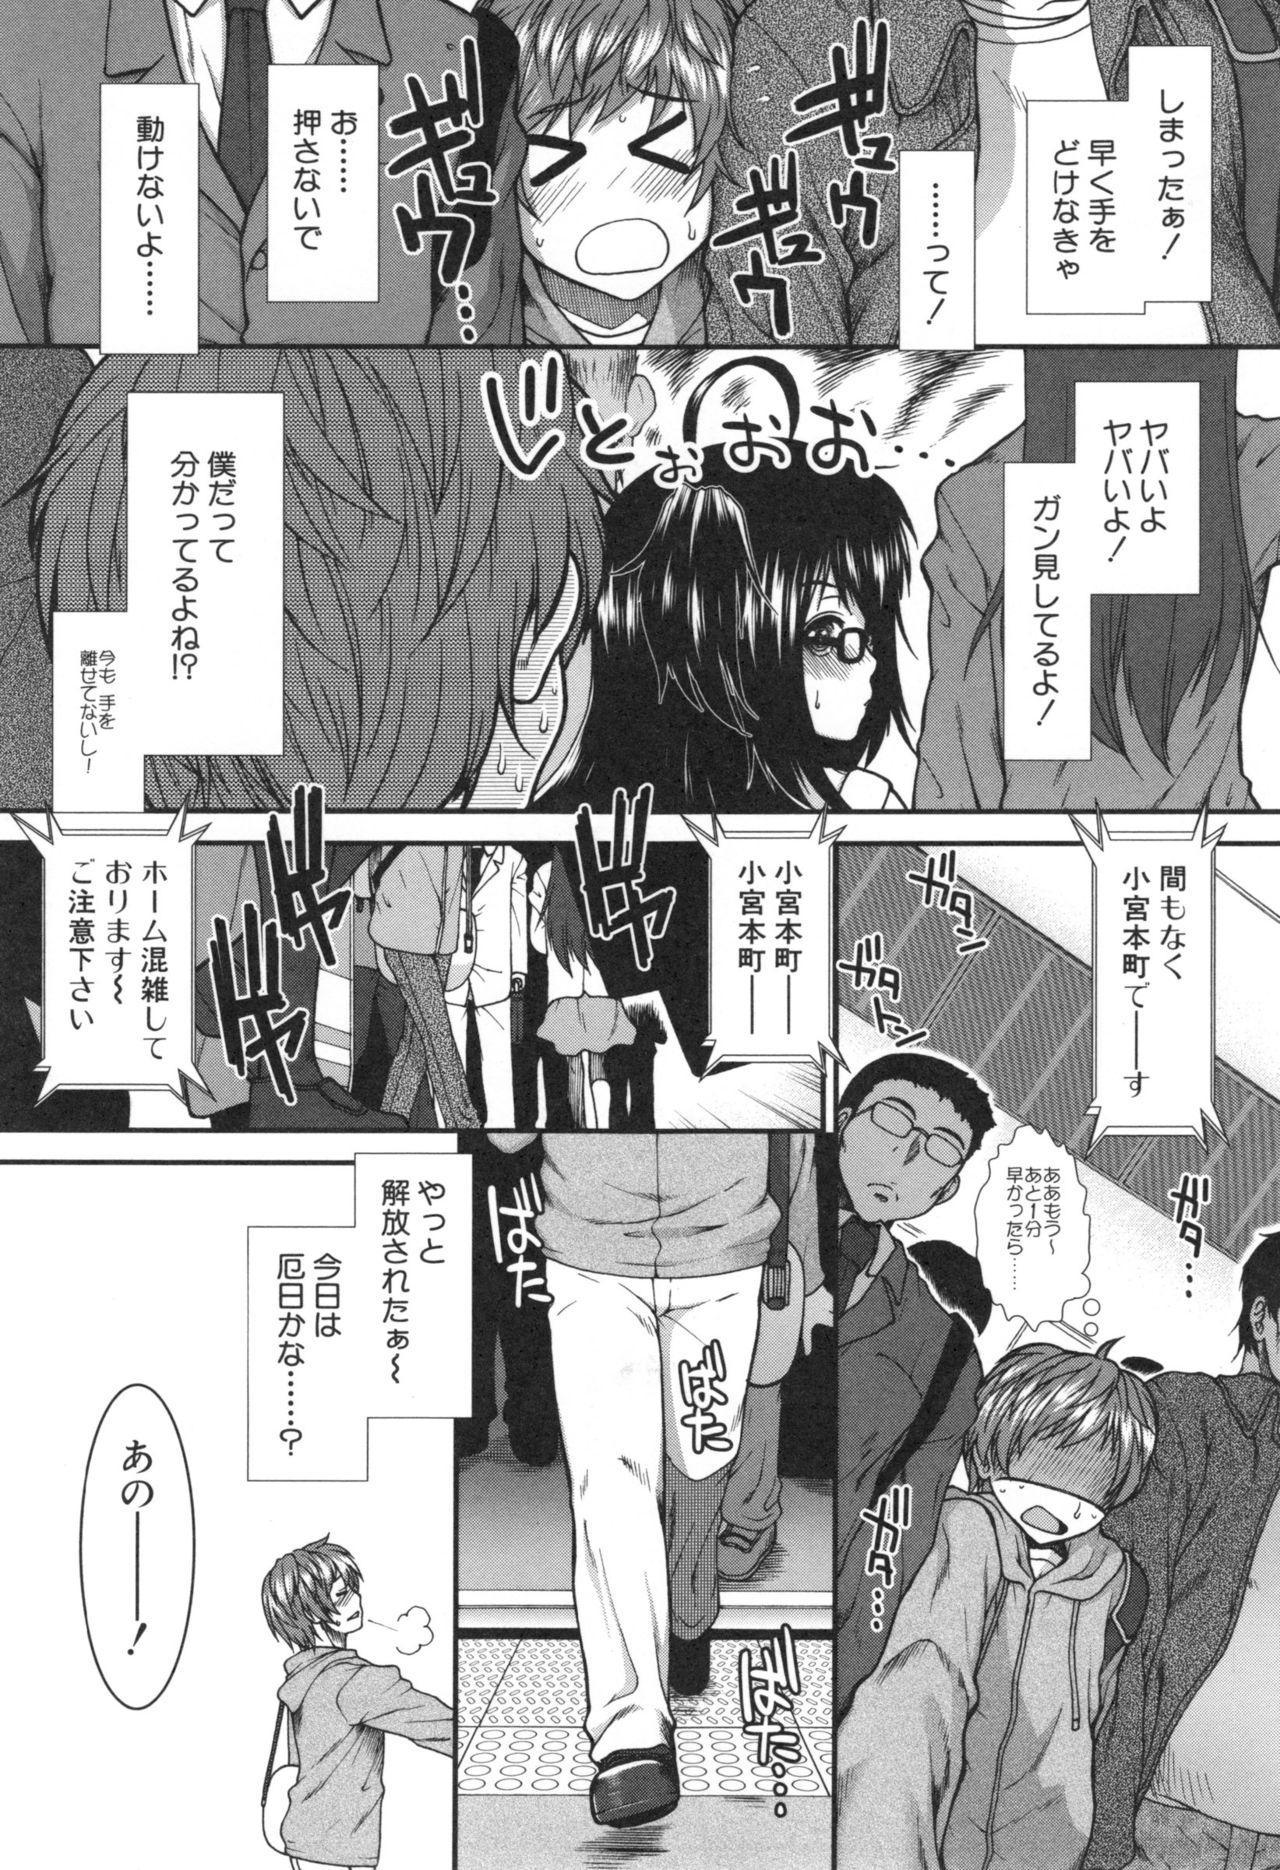 Ketsusenryaku 7